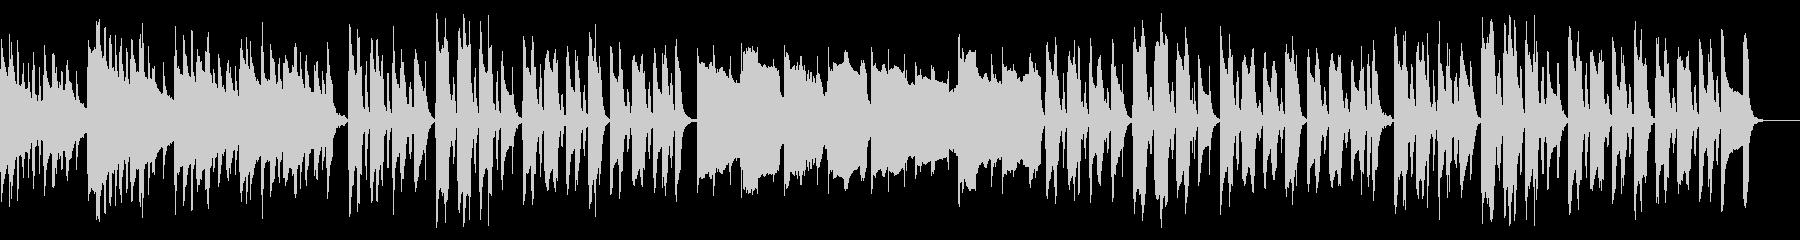 ほのぼのゆるい日常系の曲の未再生の波形